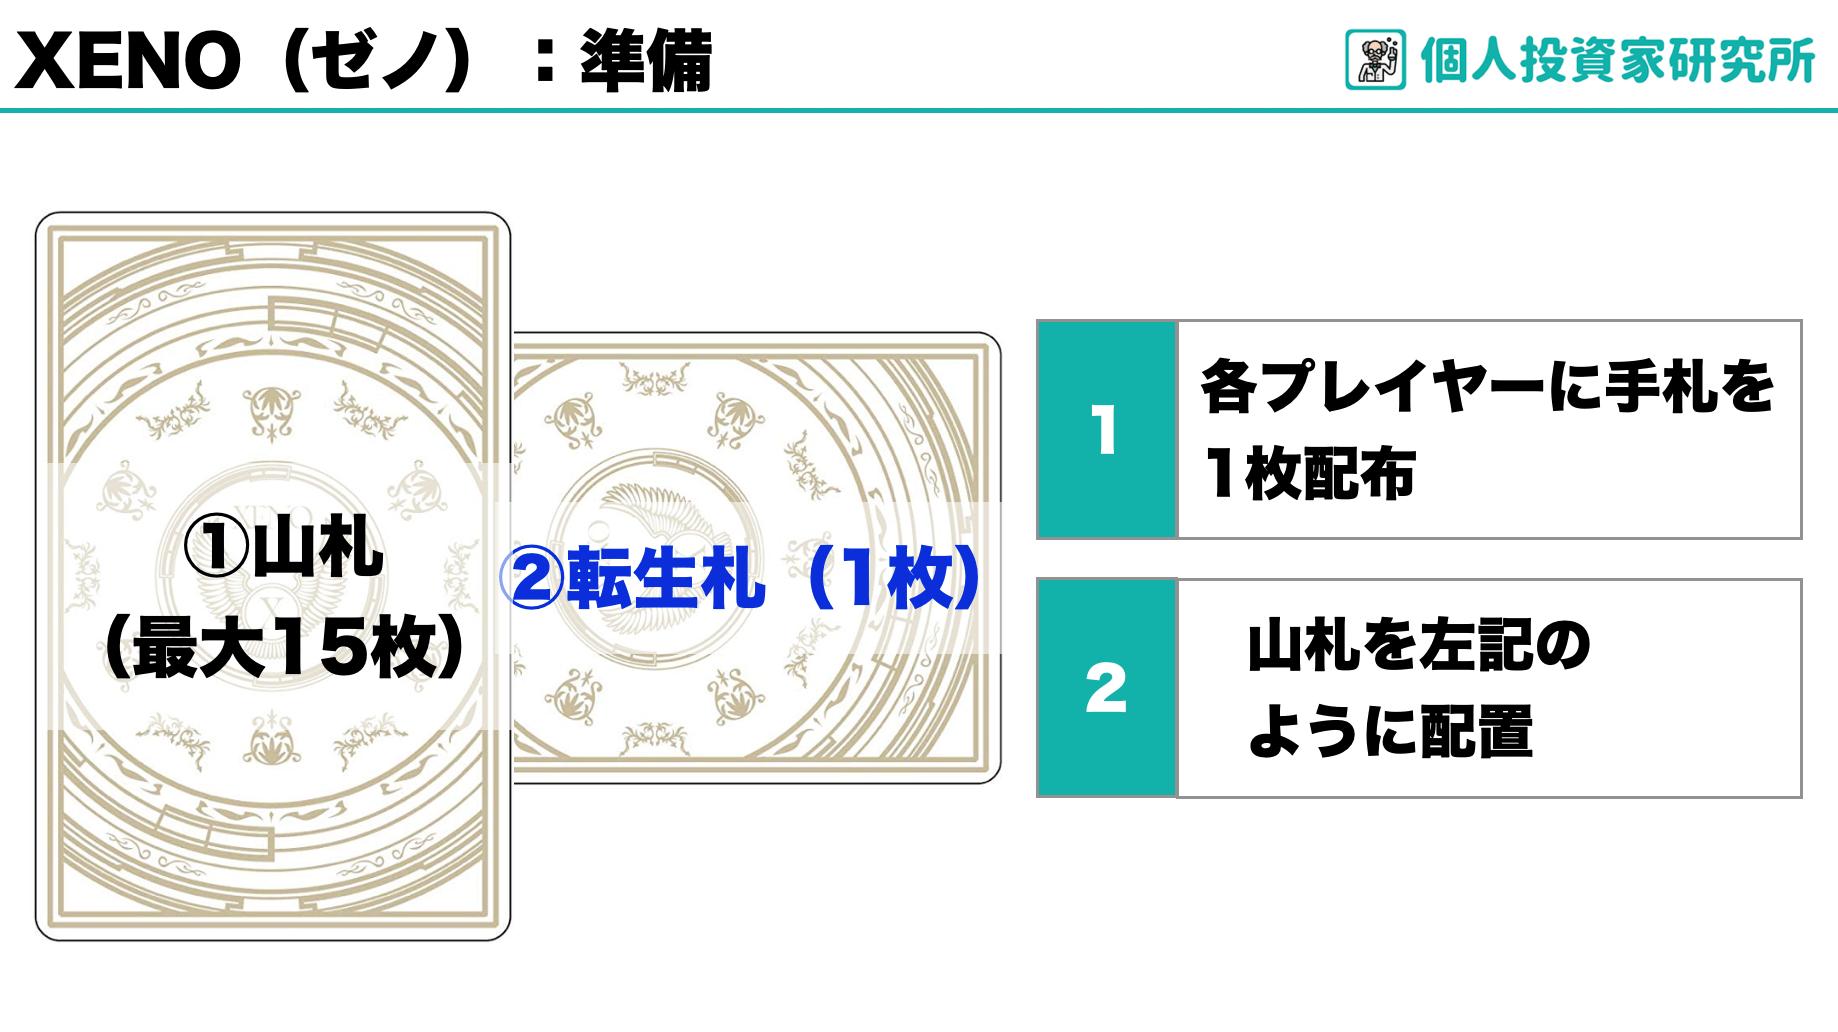 【ルール_カードの効果】中田敦彦さん考案のカードゲーム・XENO(ゼノ)11